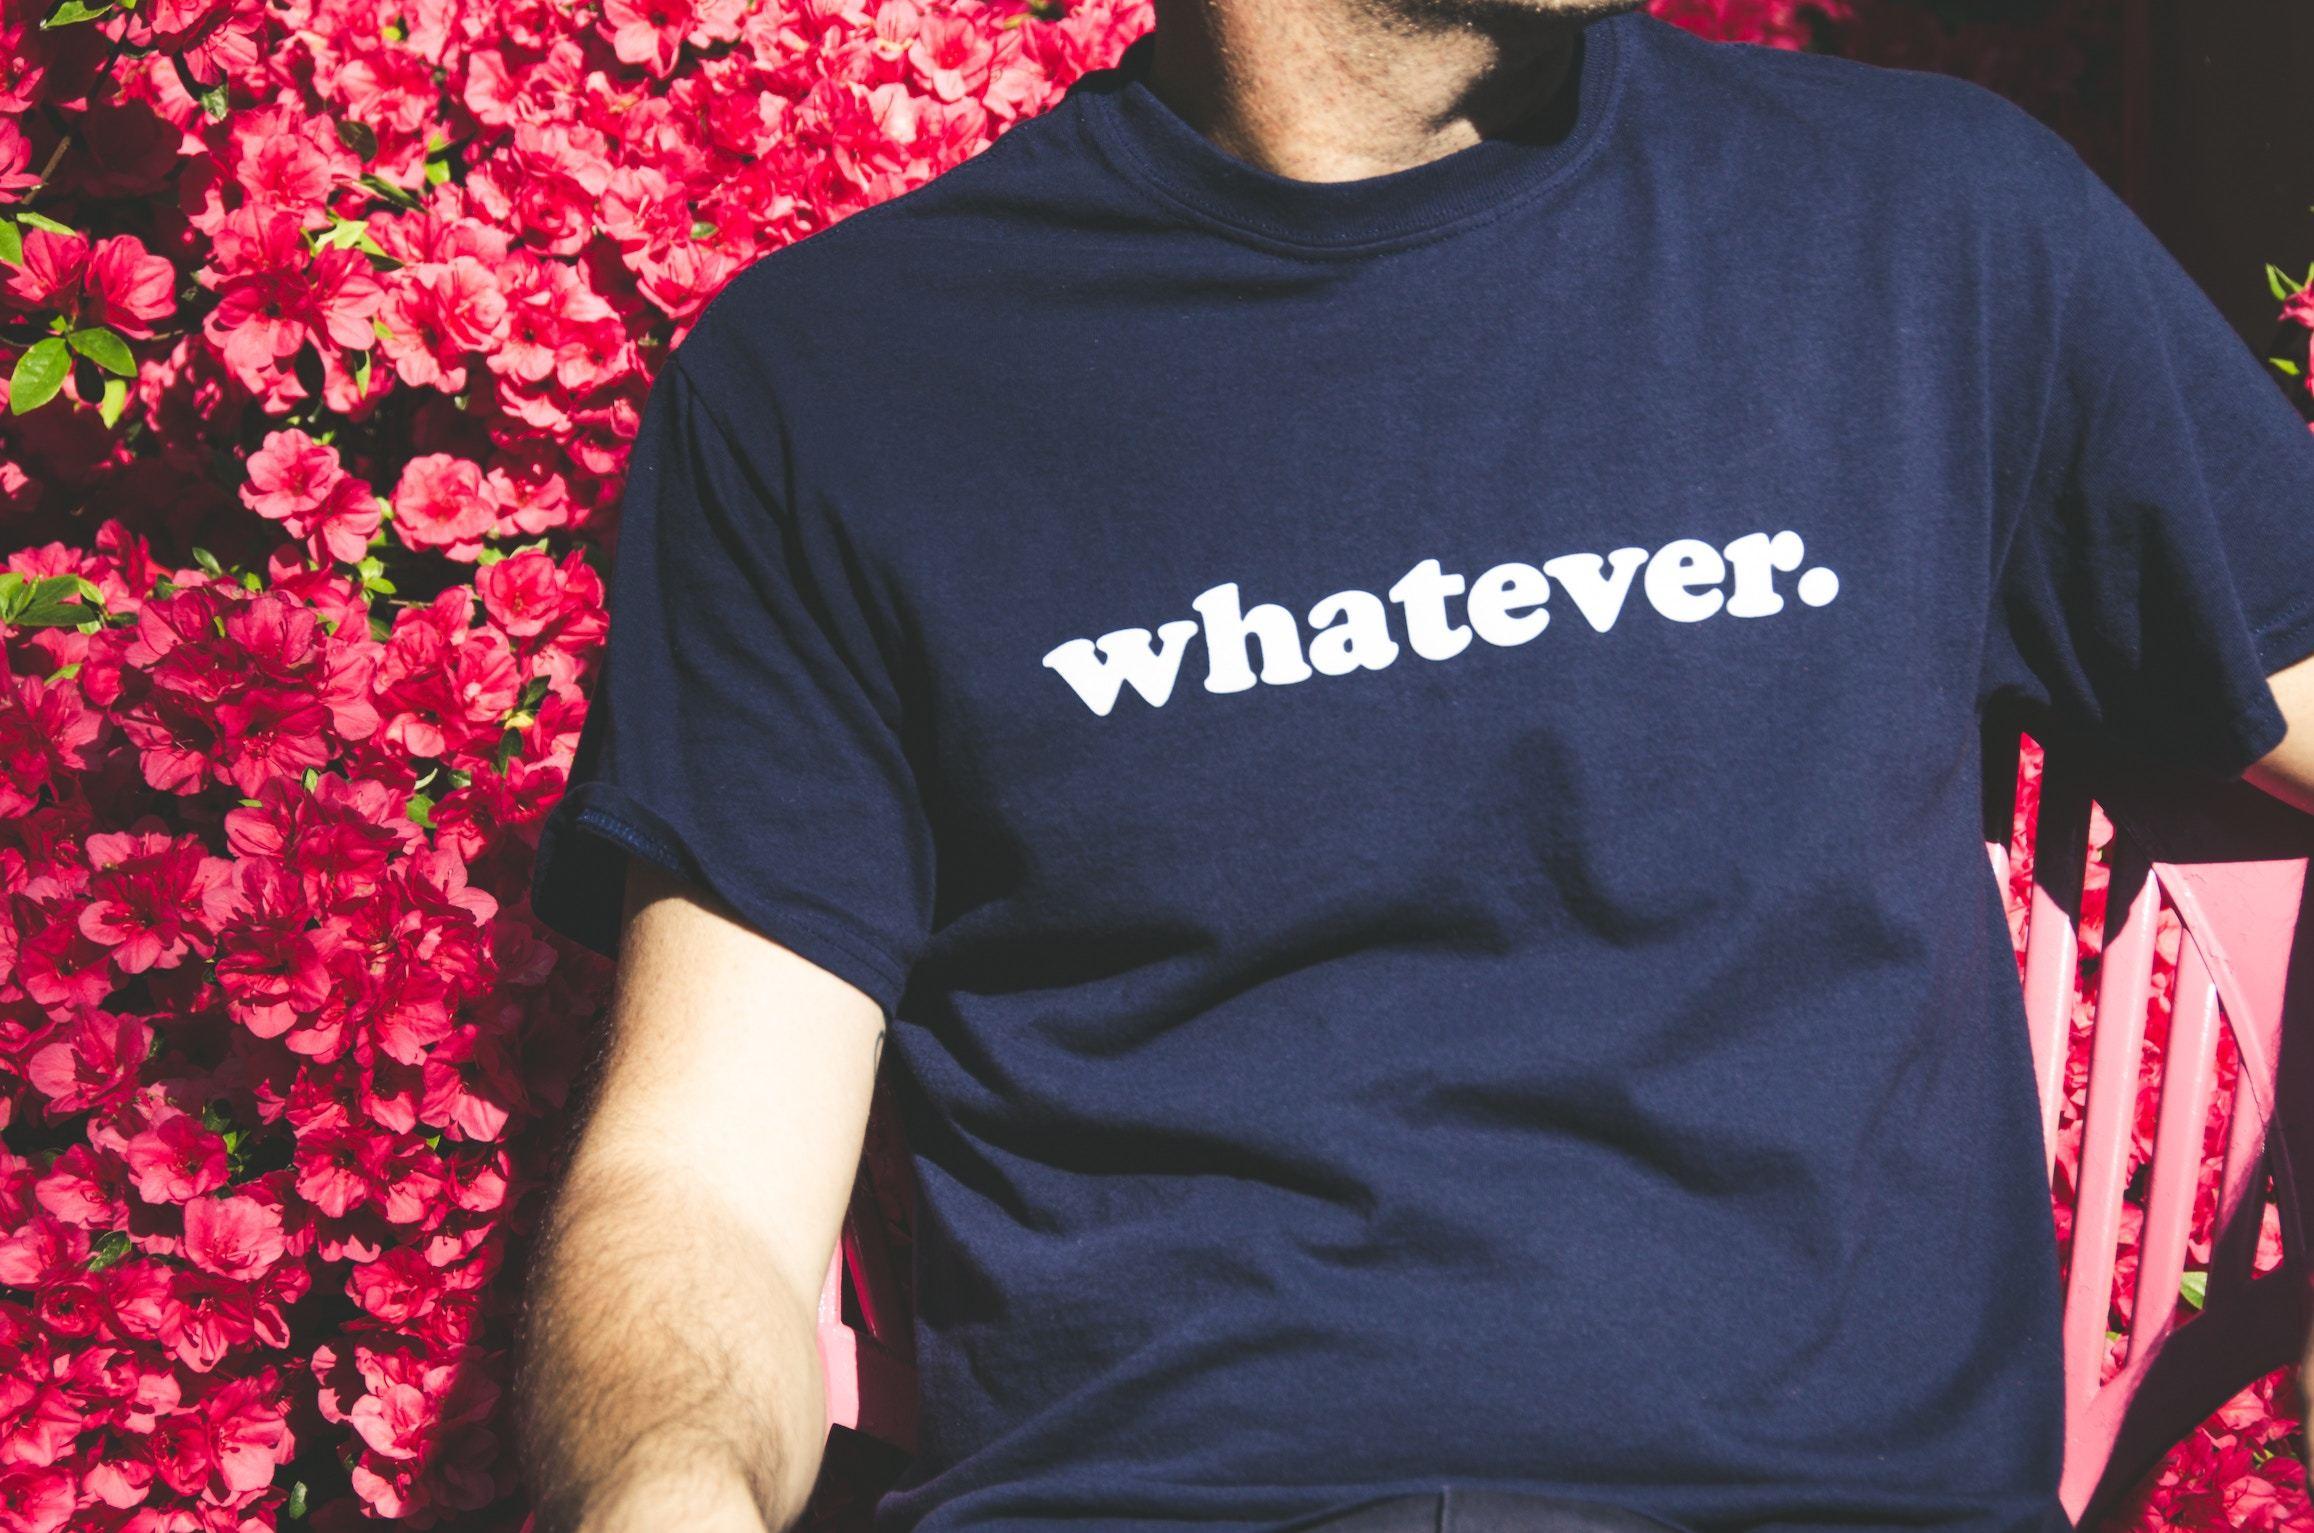 Man wearing tshirt that reads